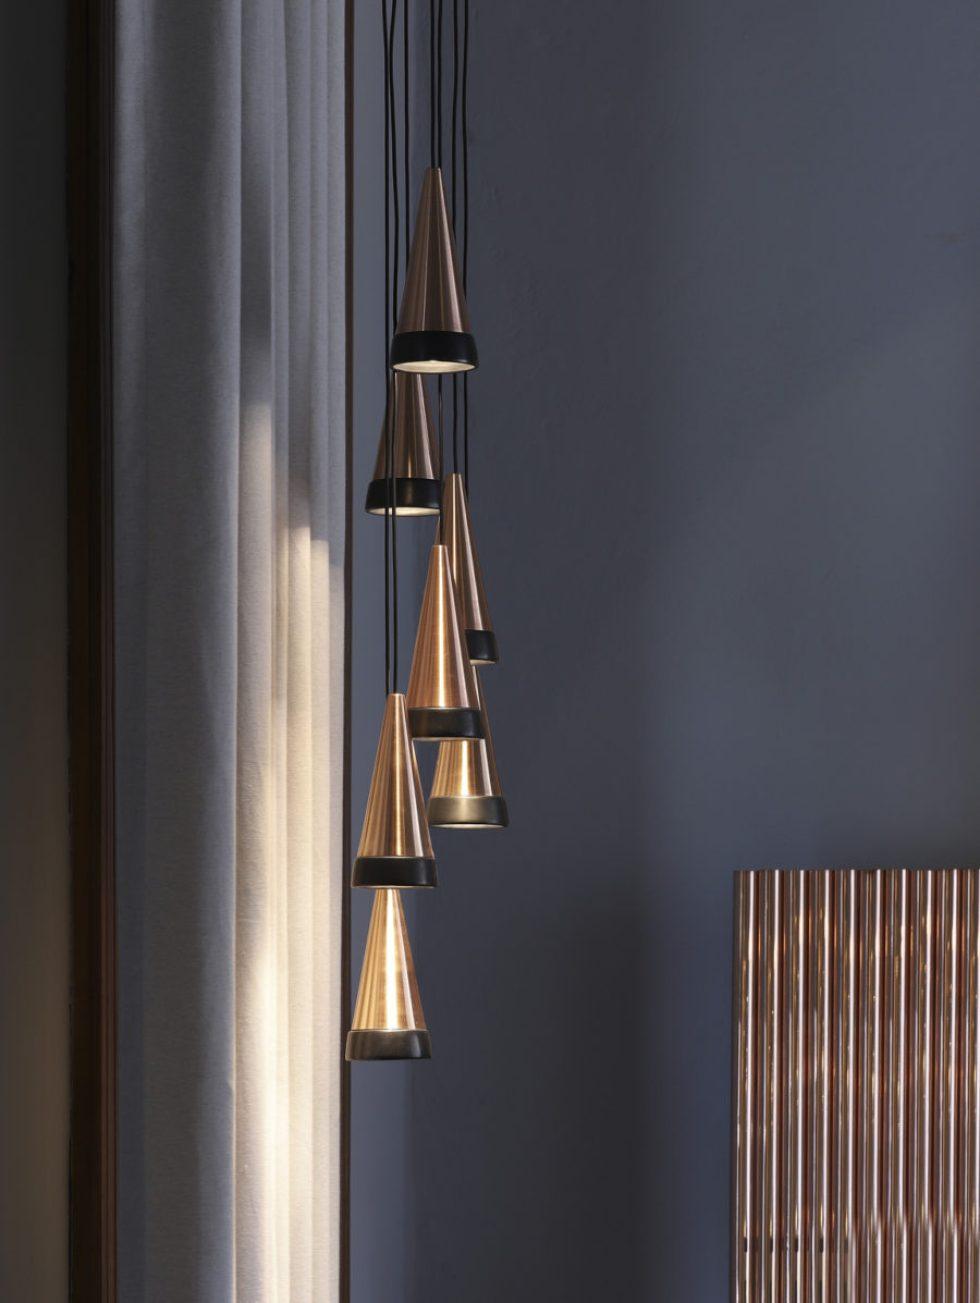 Chandelier Vitrif lamp in Showroom David Pompa